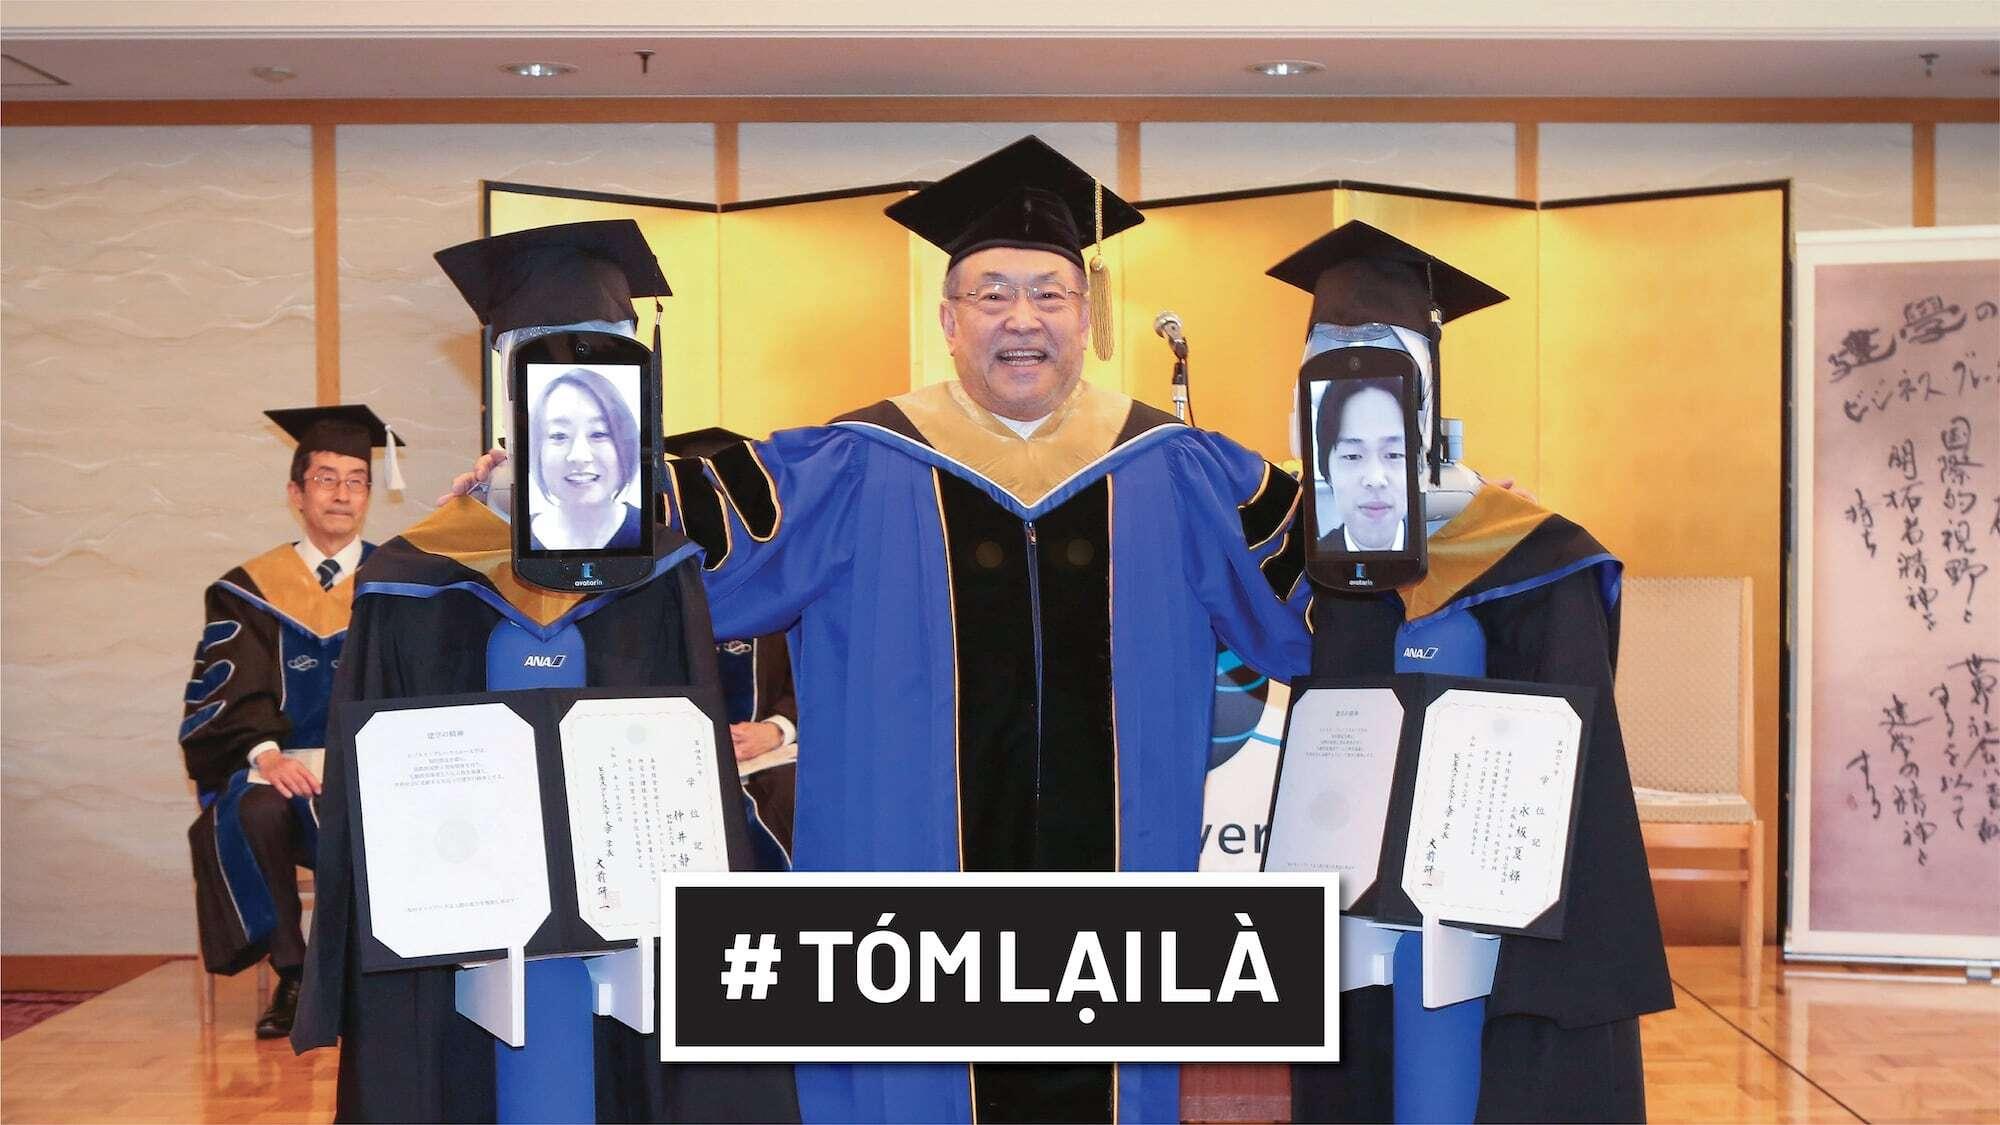 Tóm Lại Là: Bi hài lễ tốt nghiệp online